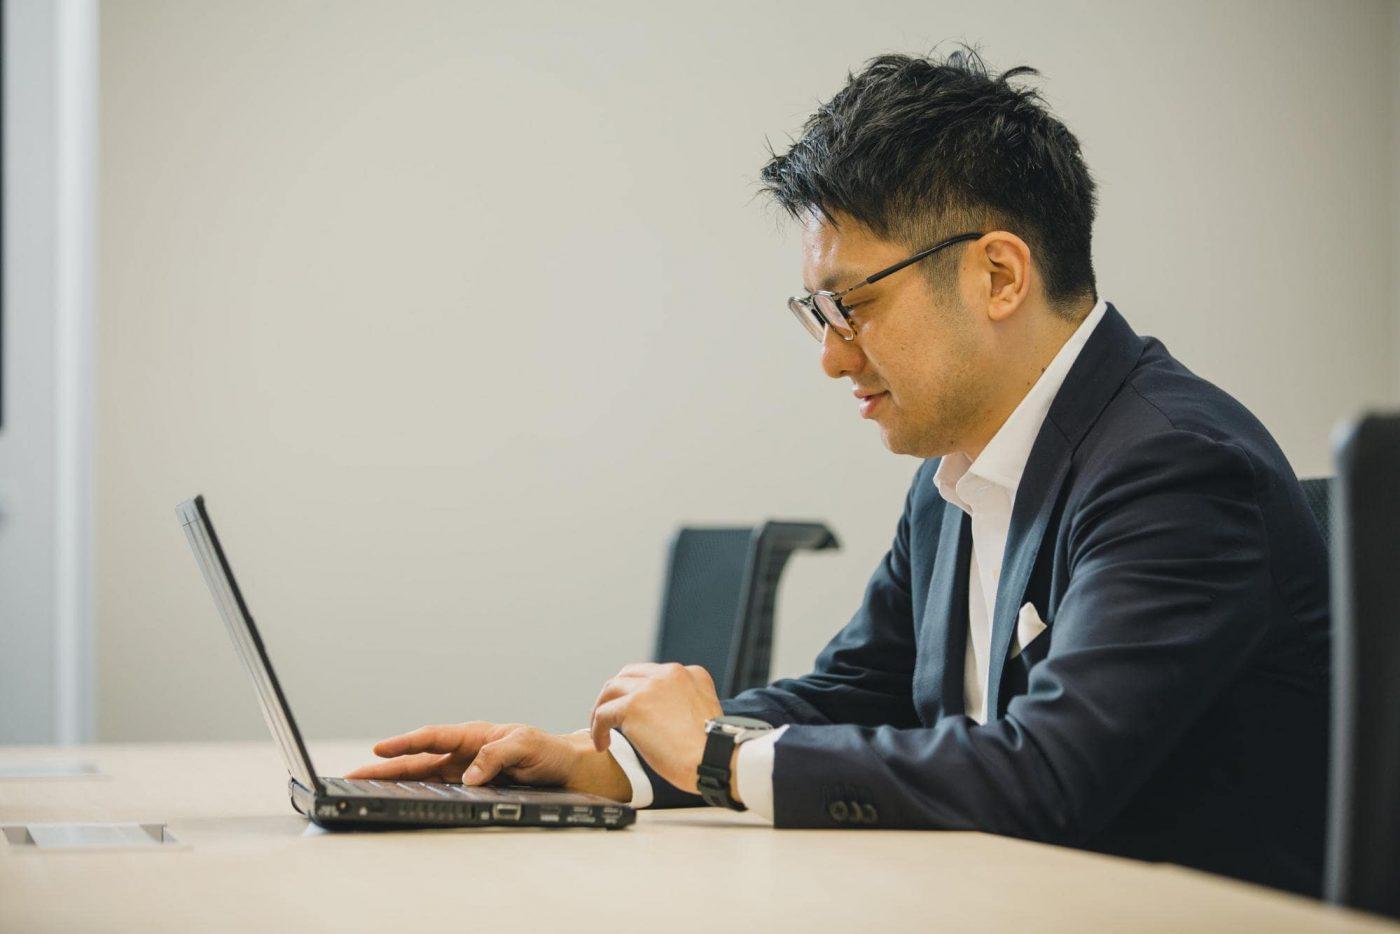 「起業家や先生方を支援し、両者をつなげて新たな事業や産業を創り出したい」。経産省を脱藩した岡橋氏の覚悟